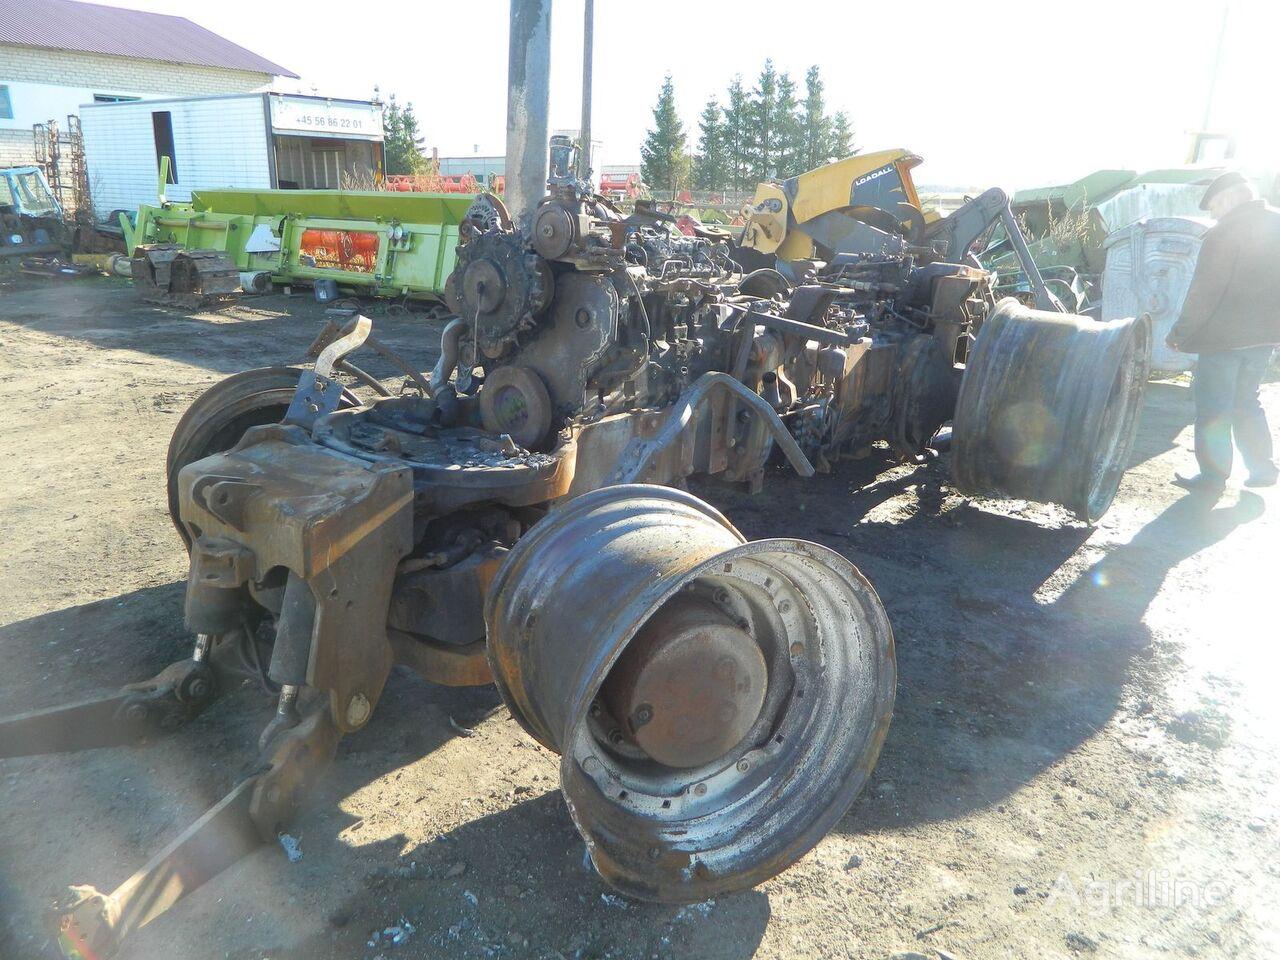 ремкомплект NEW HOLLAND для трактора NEW HOLLAND T8050 после аварии